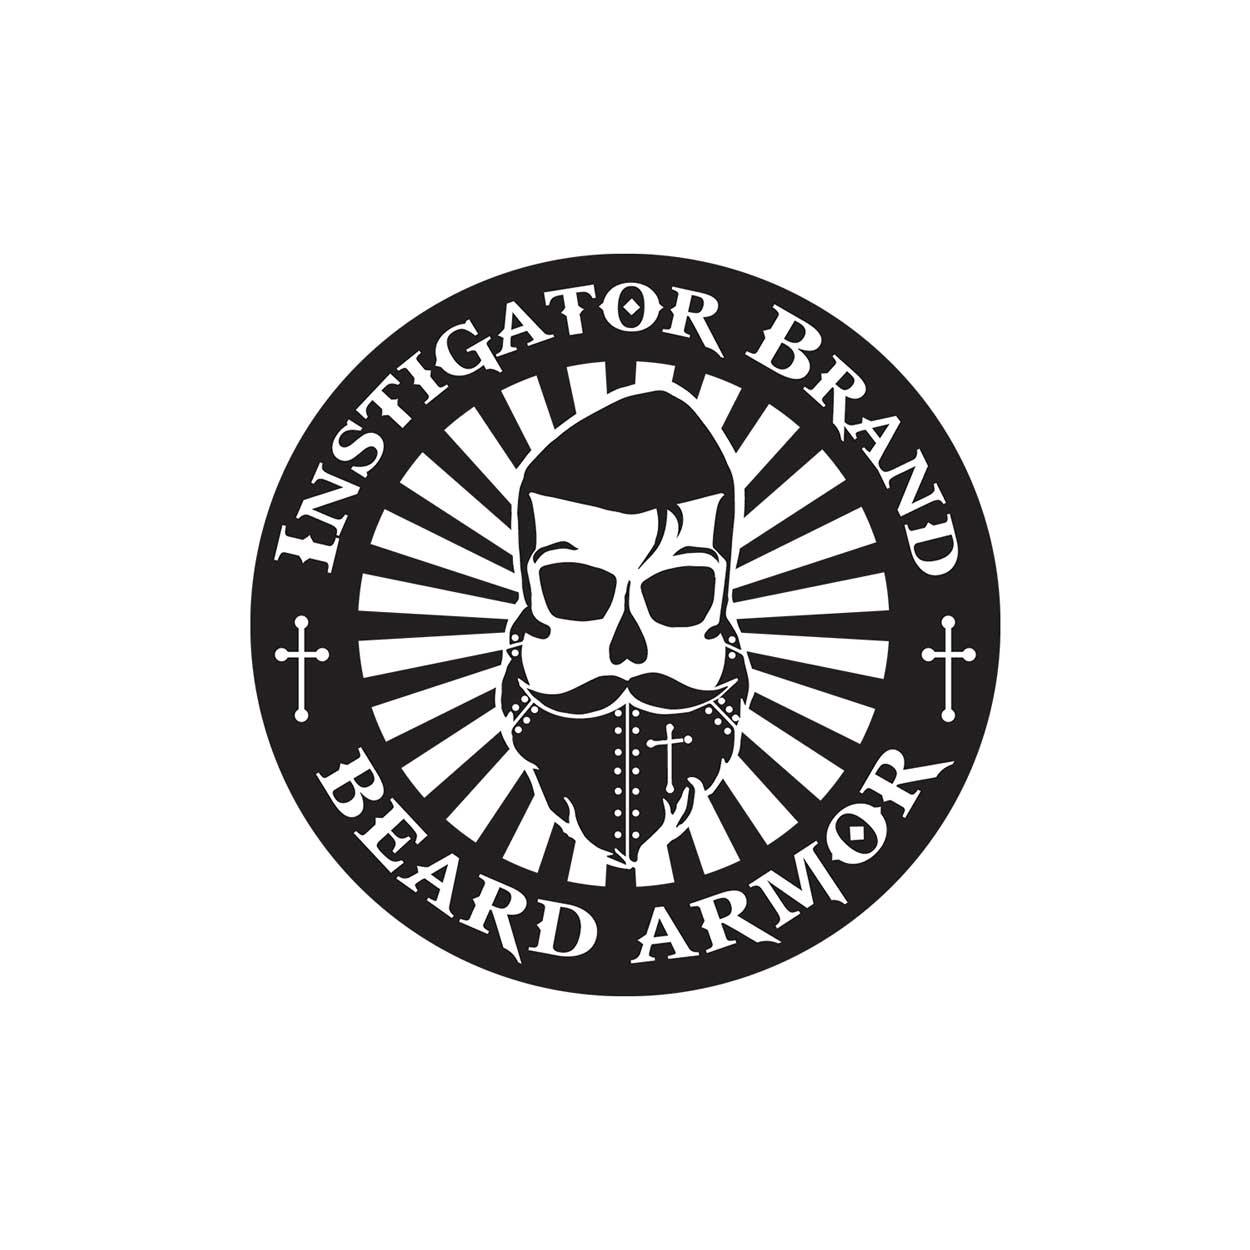 Instigator Brand Beard Armor